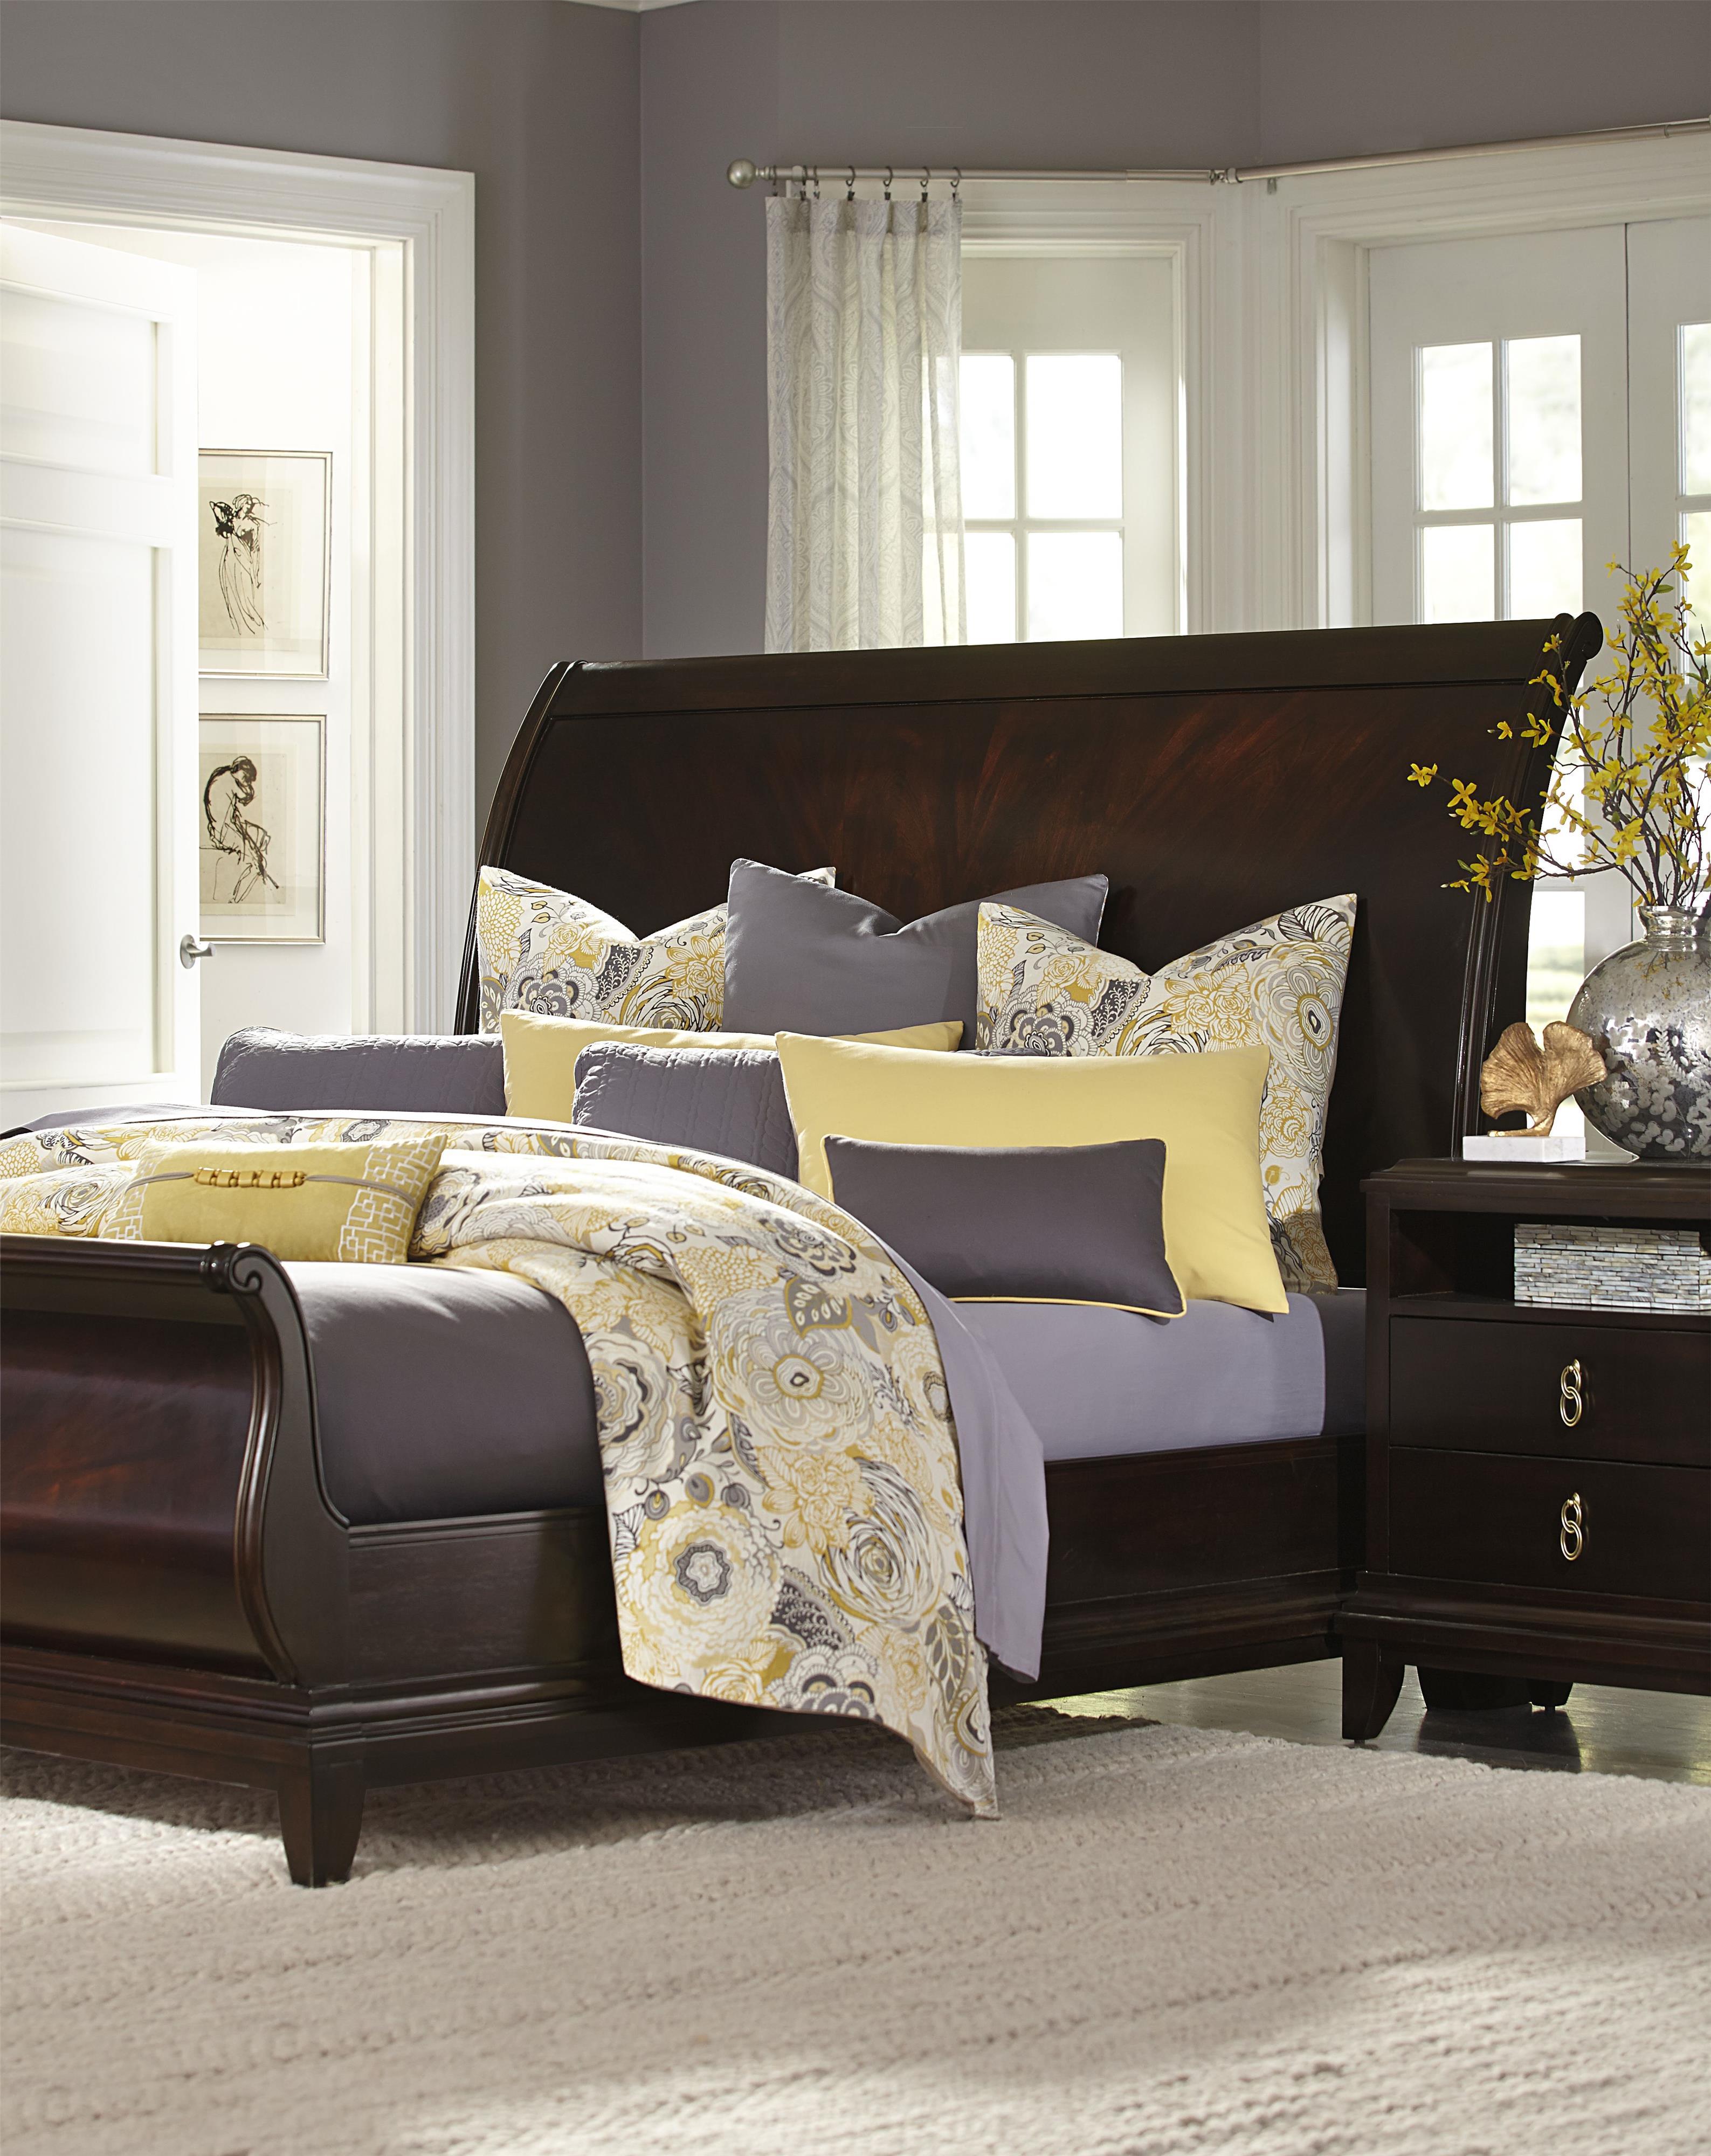 Legacy Classic Sophia King Bedroom Group 2 - Item Number: 4450 K Bedroom Group 2